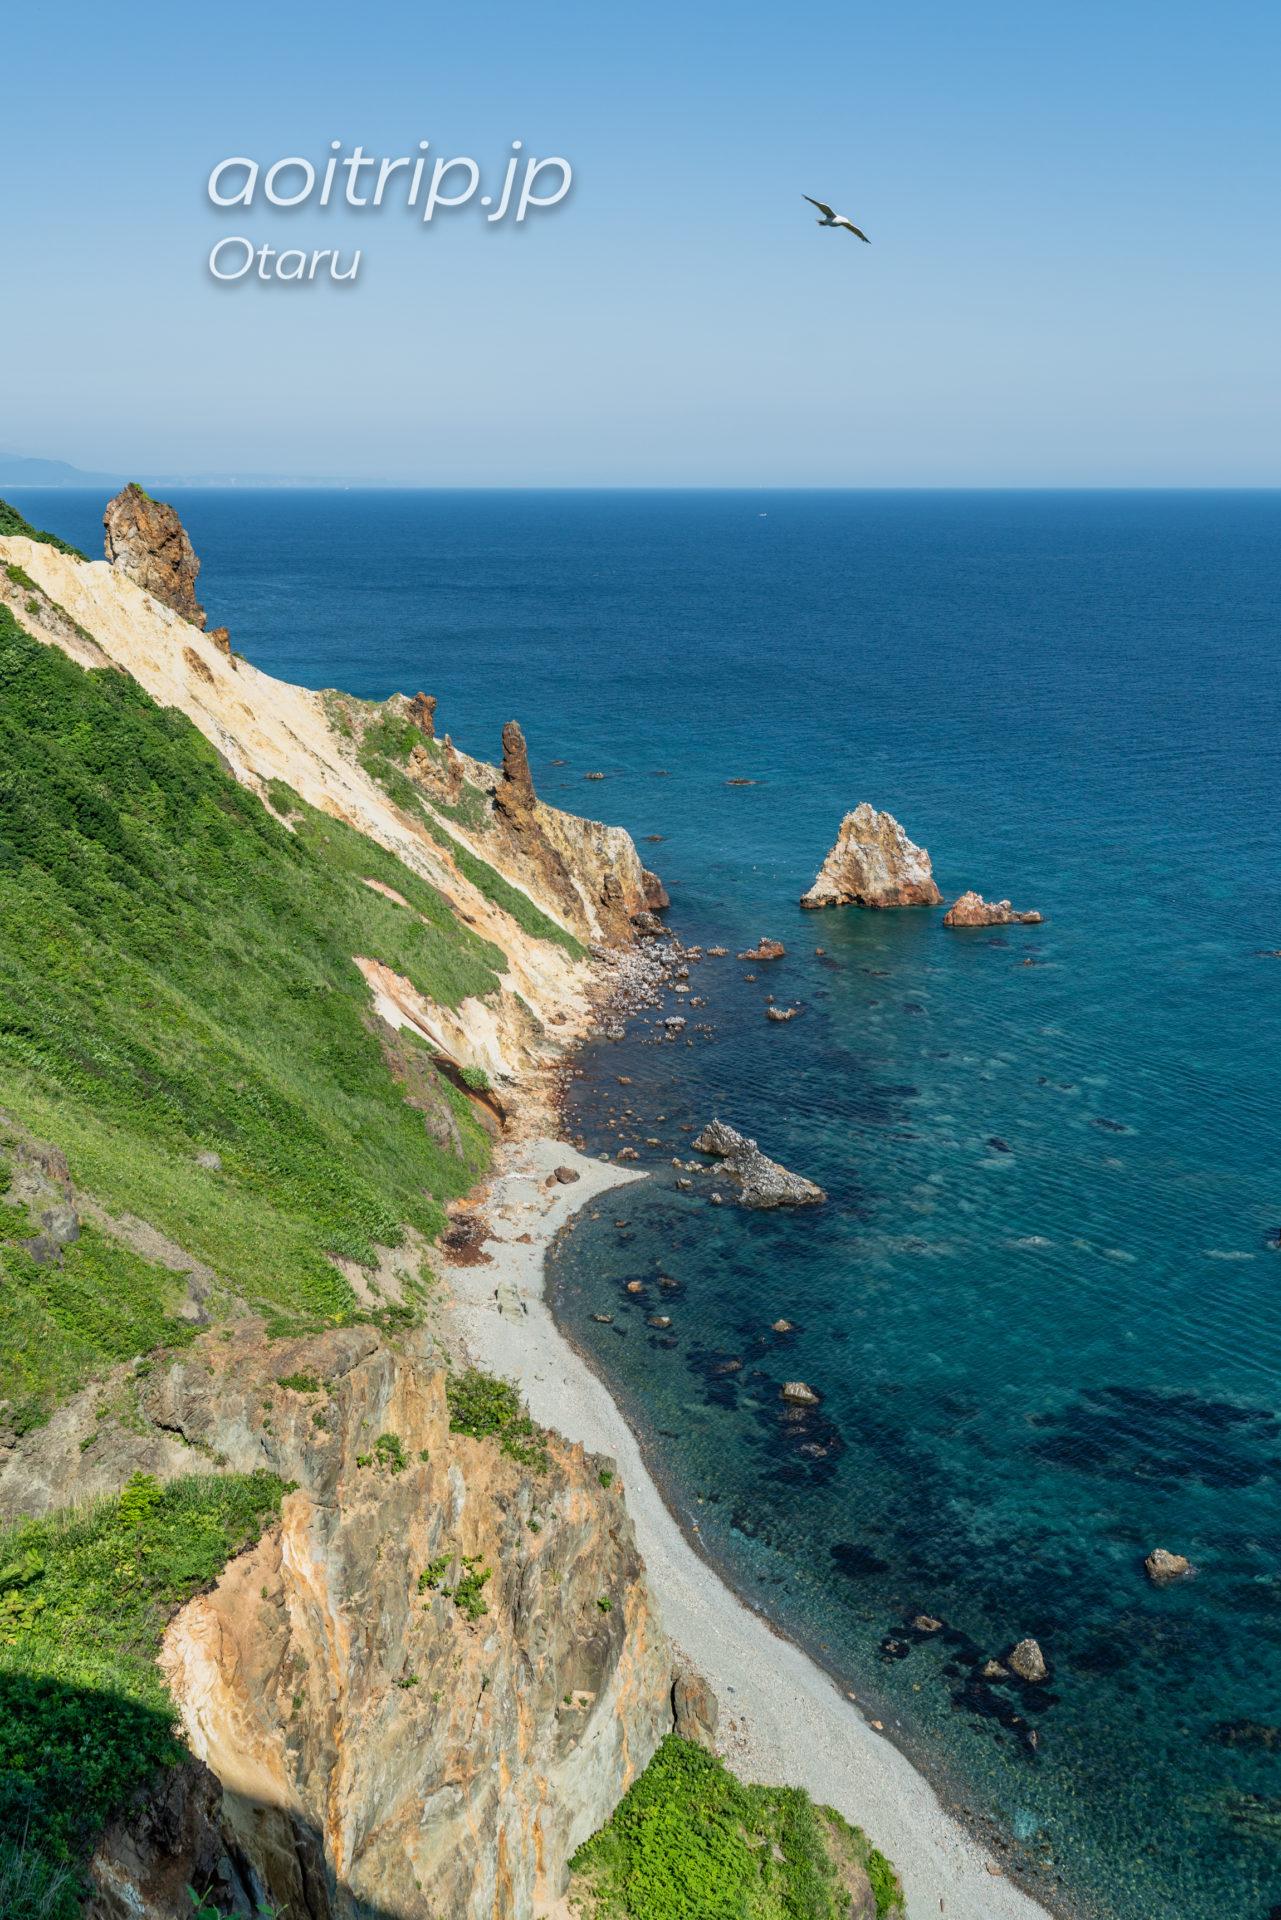 ホテルノイシュロス小樽から望む祝津ブルーの海